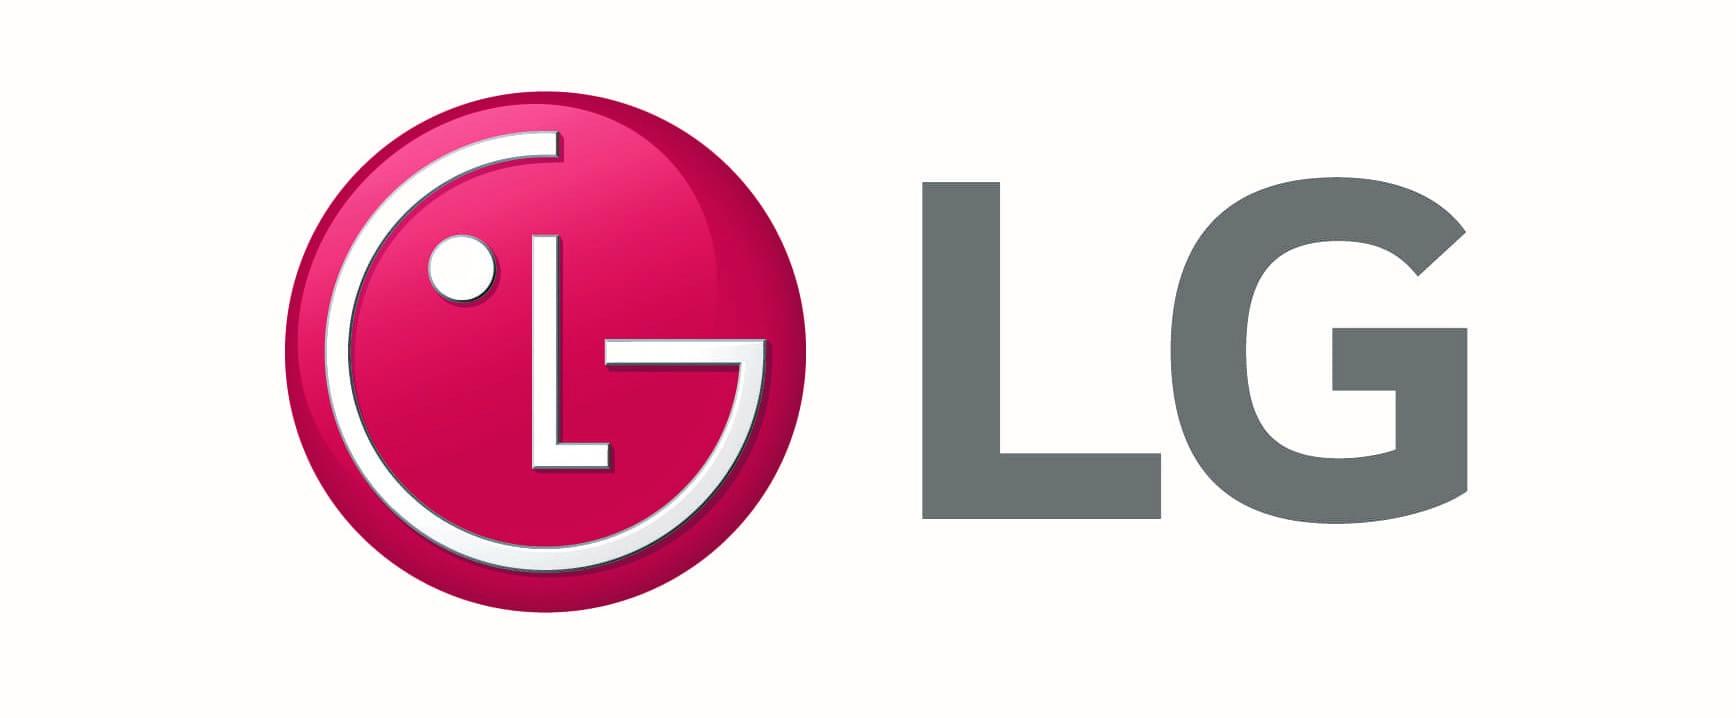 LG establece un nuevo récord en sus ventas y ganancias durante el año 2020